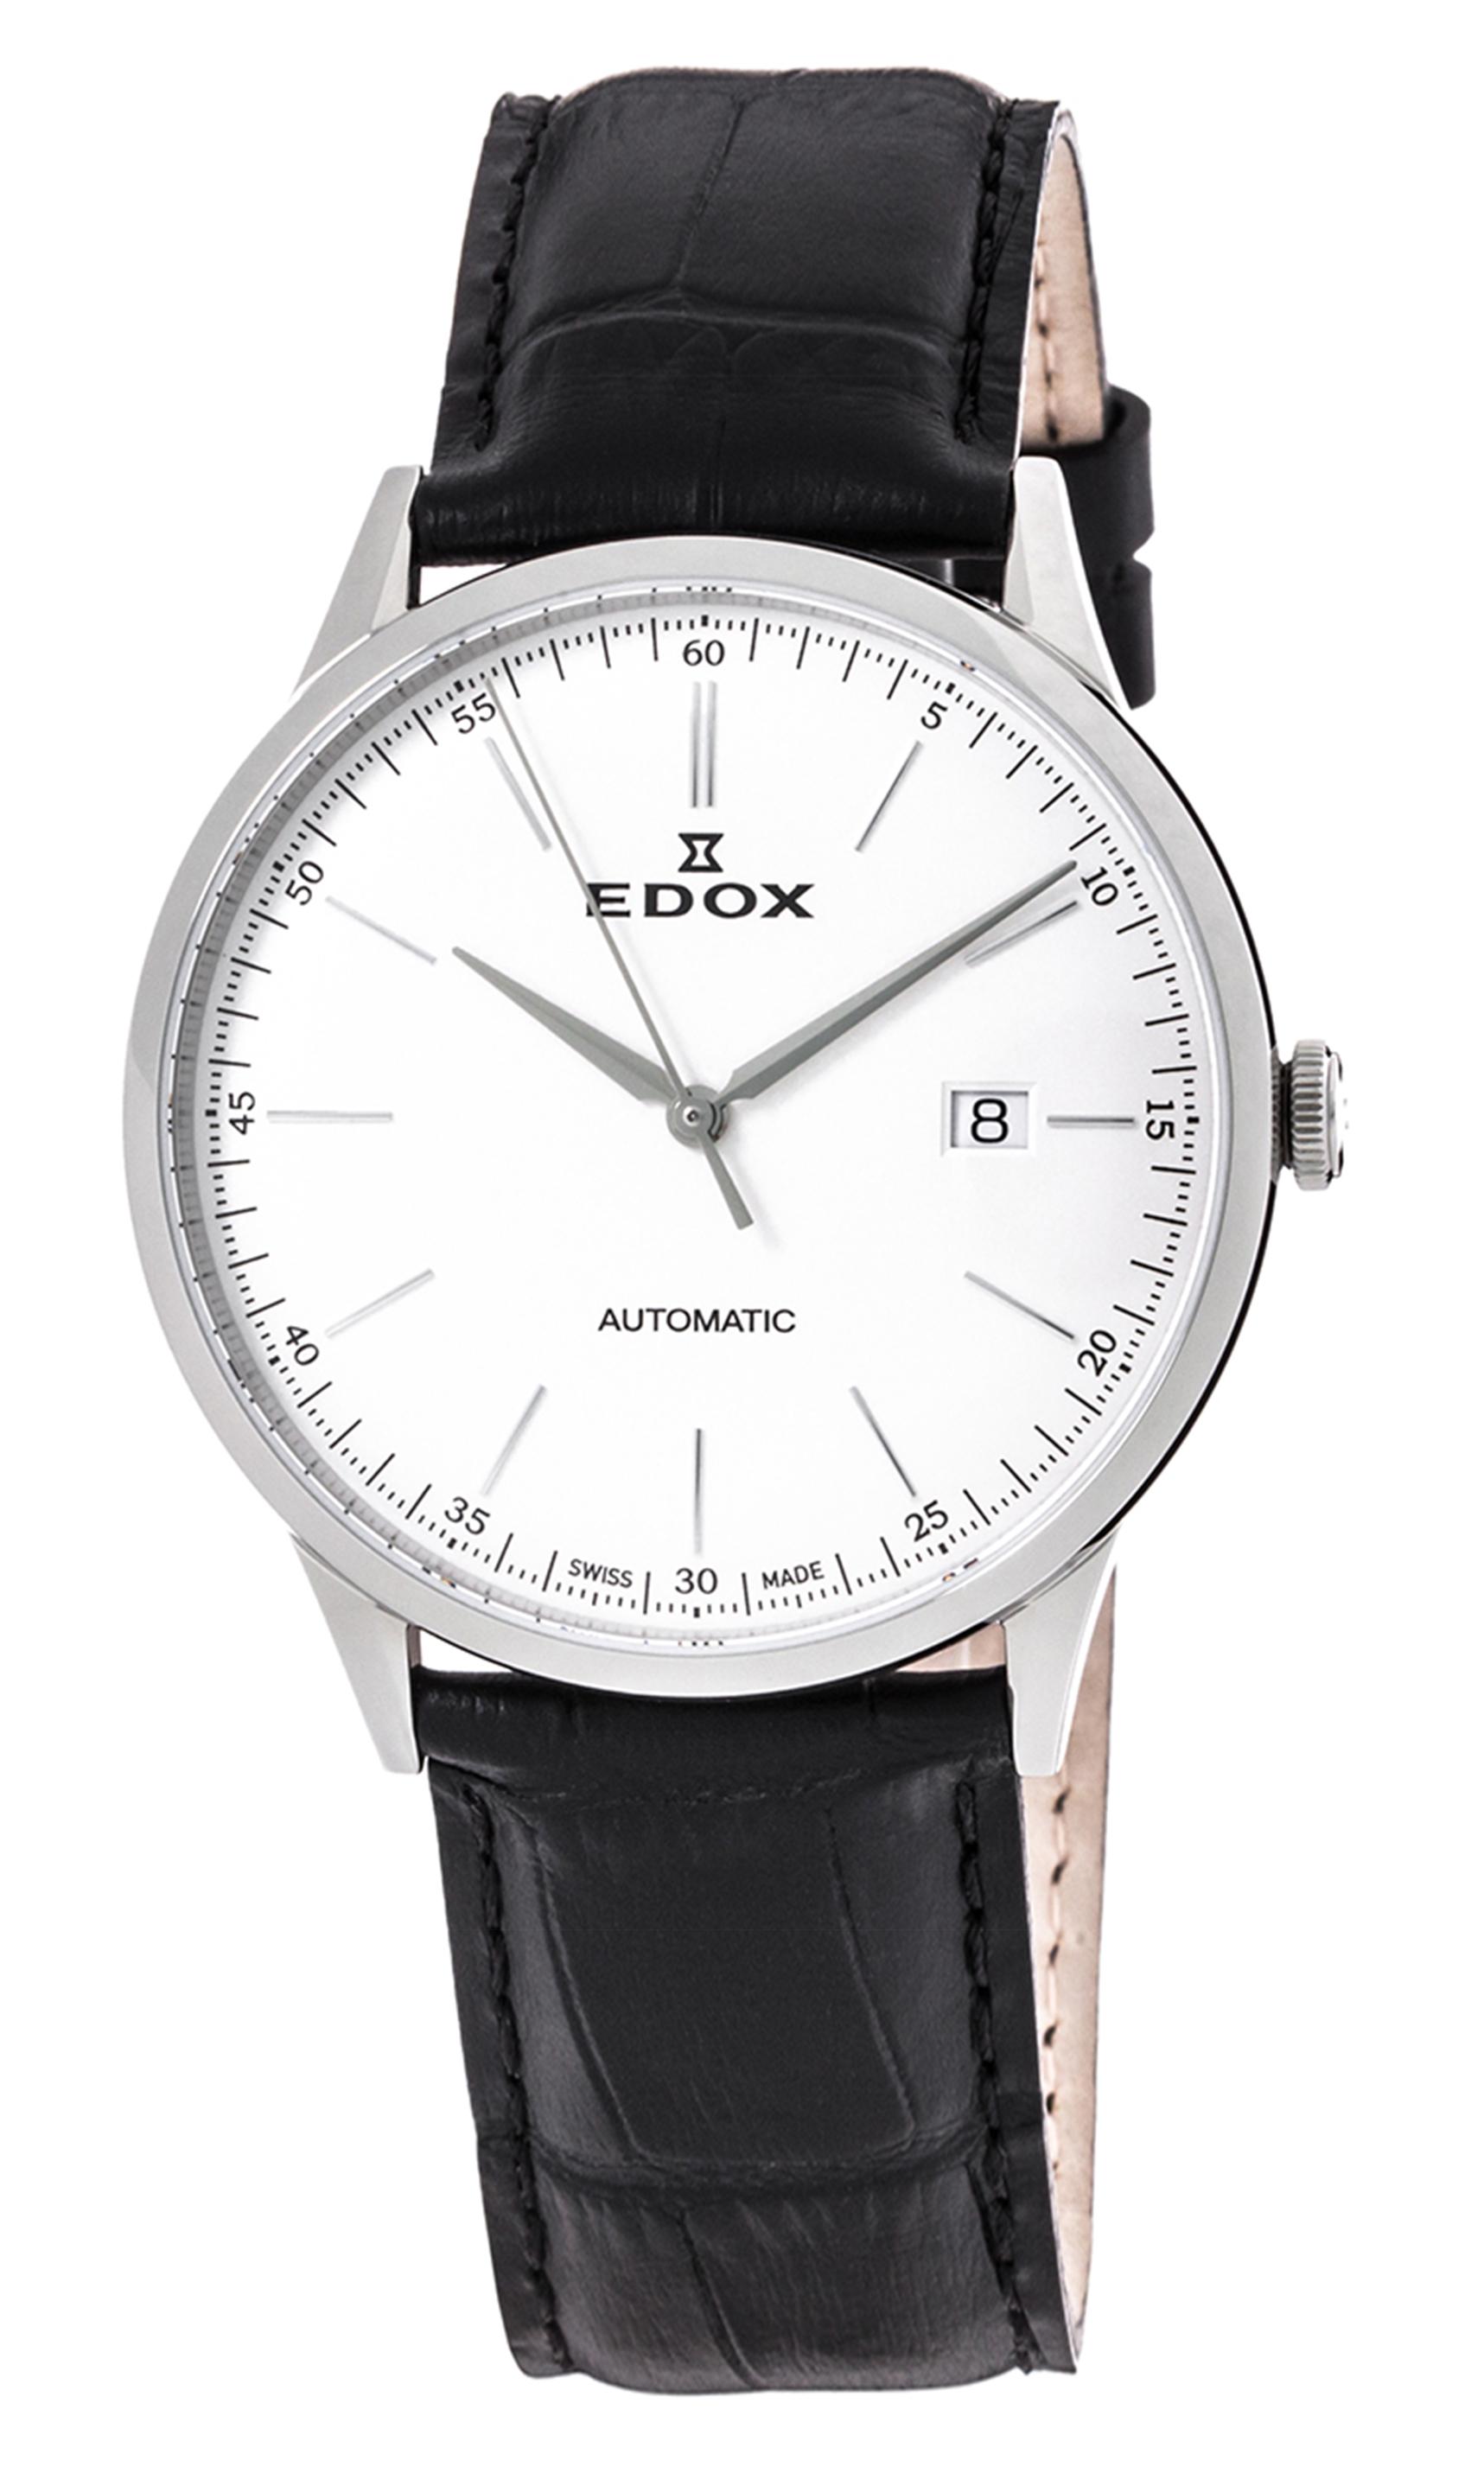 Часы Edox Les Vauberts Automatic Date 80106 3C AIN